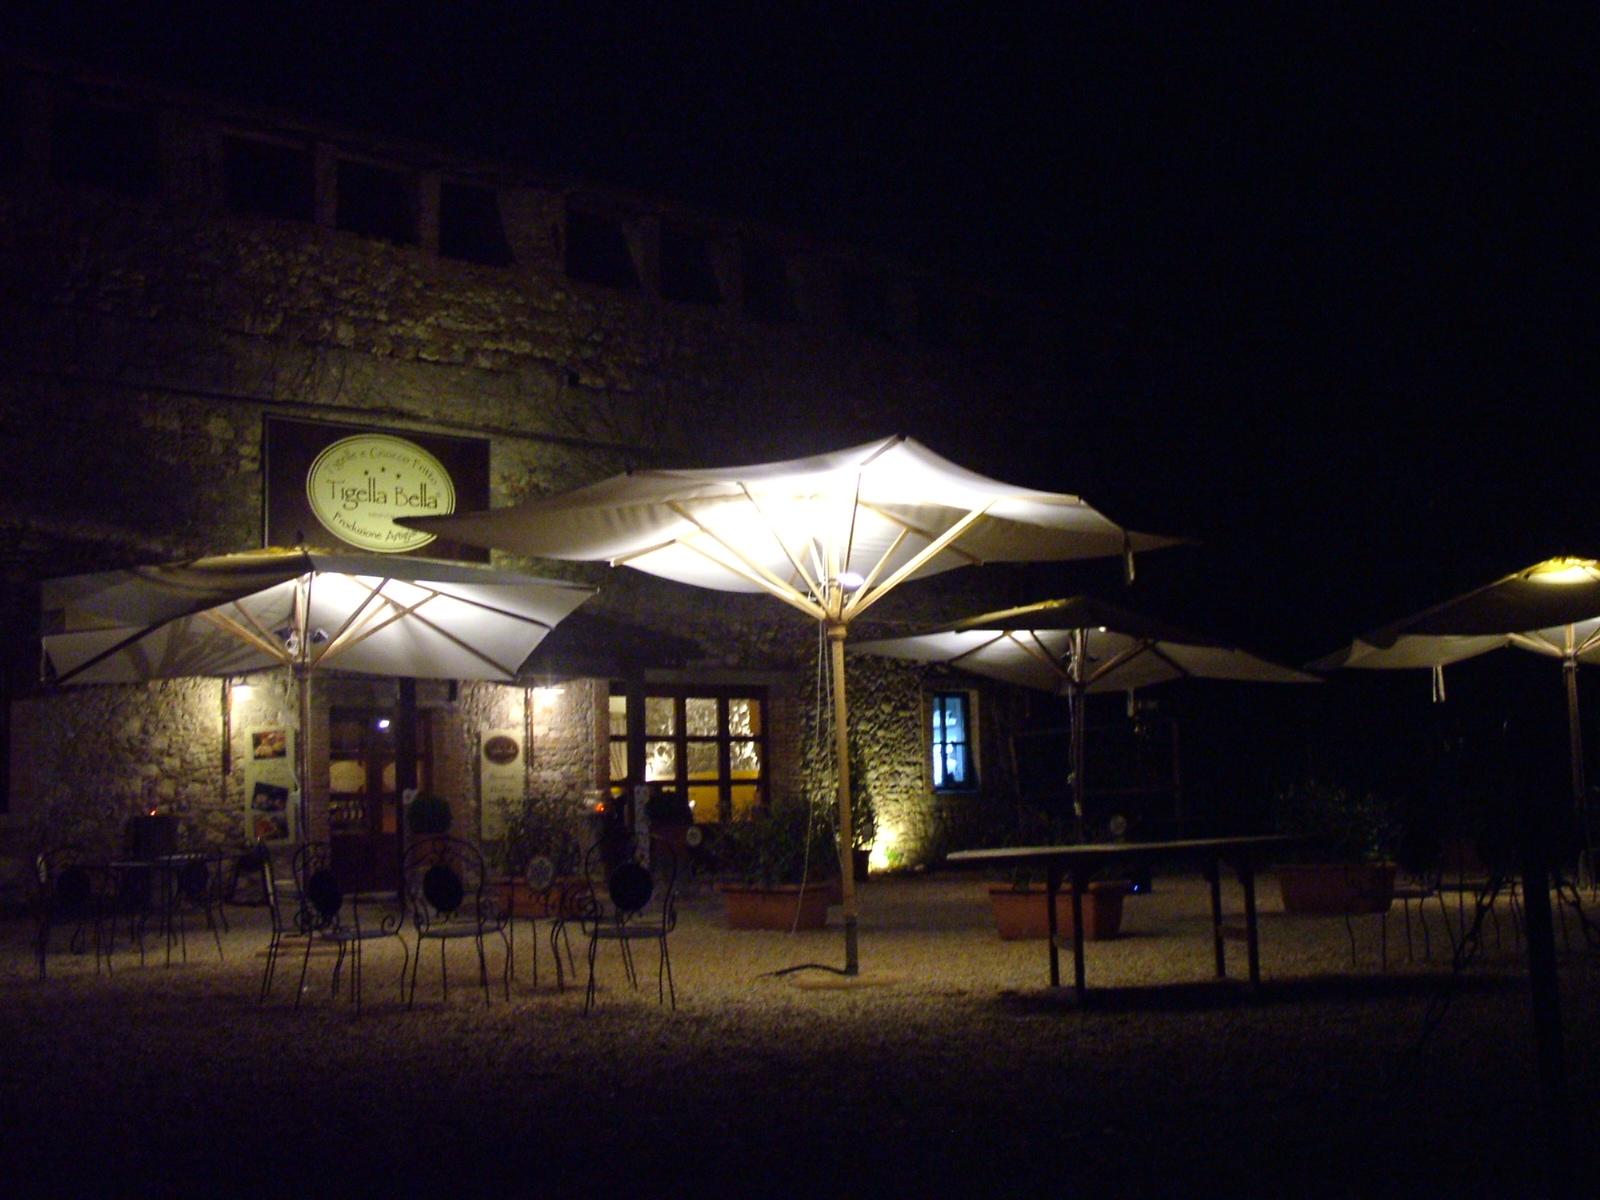 San martino 3 tigella bella produzione artigianale di - Mondocasashop san martino buon albergo vr ...